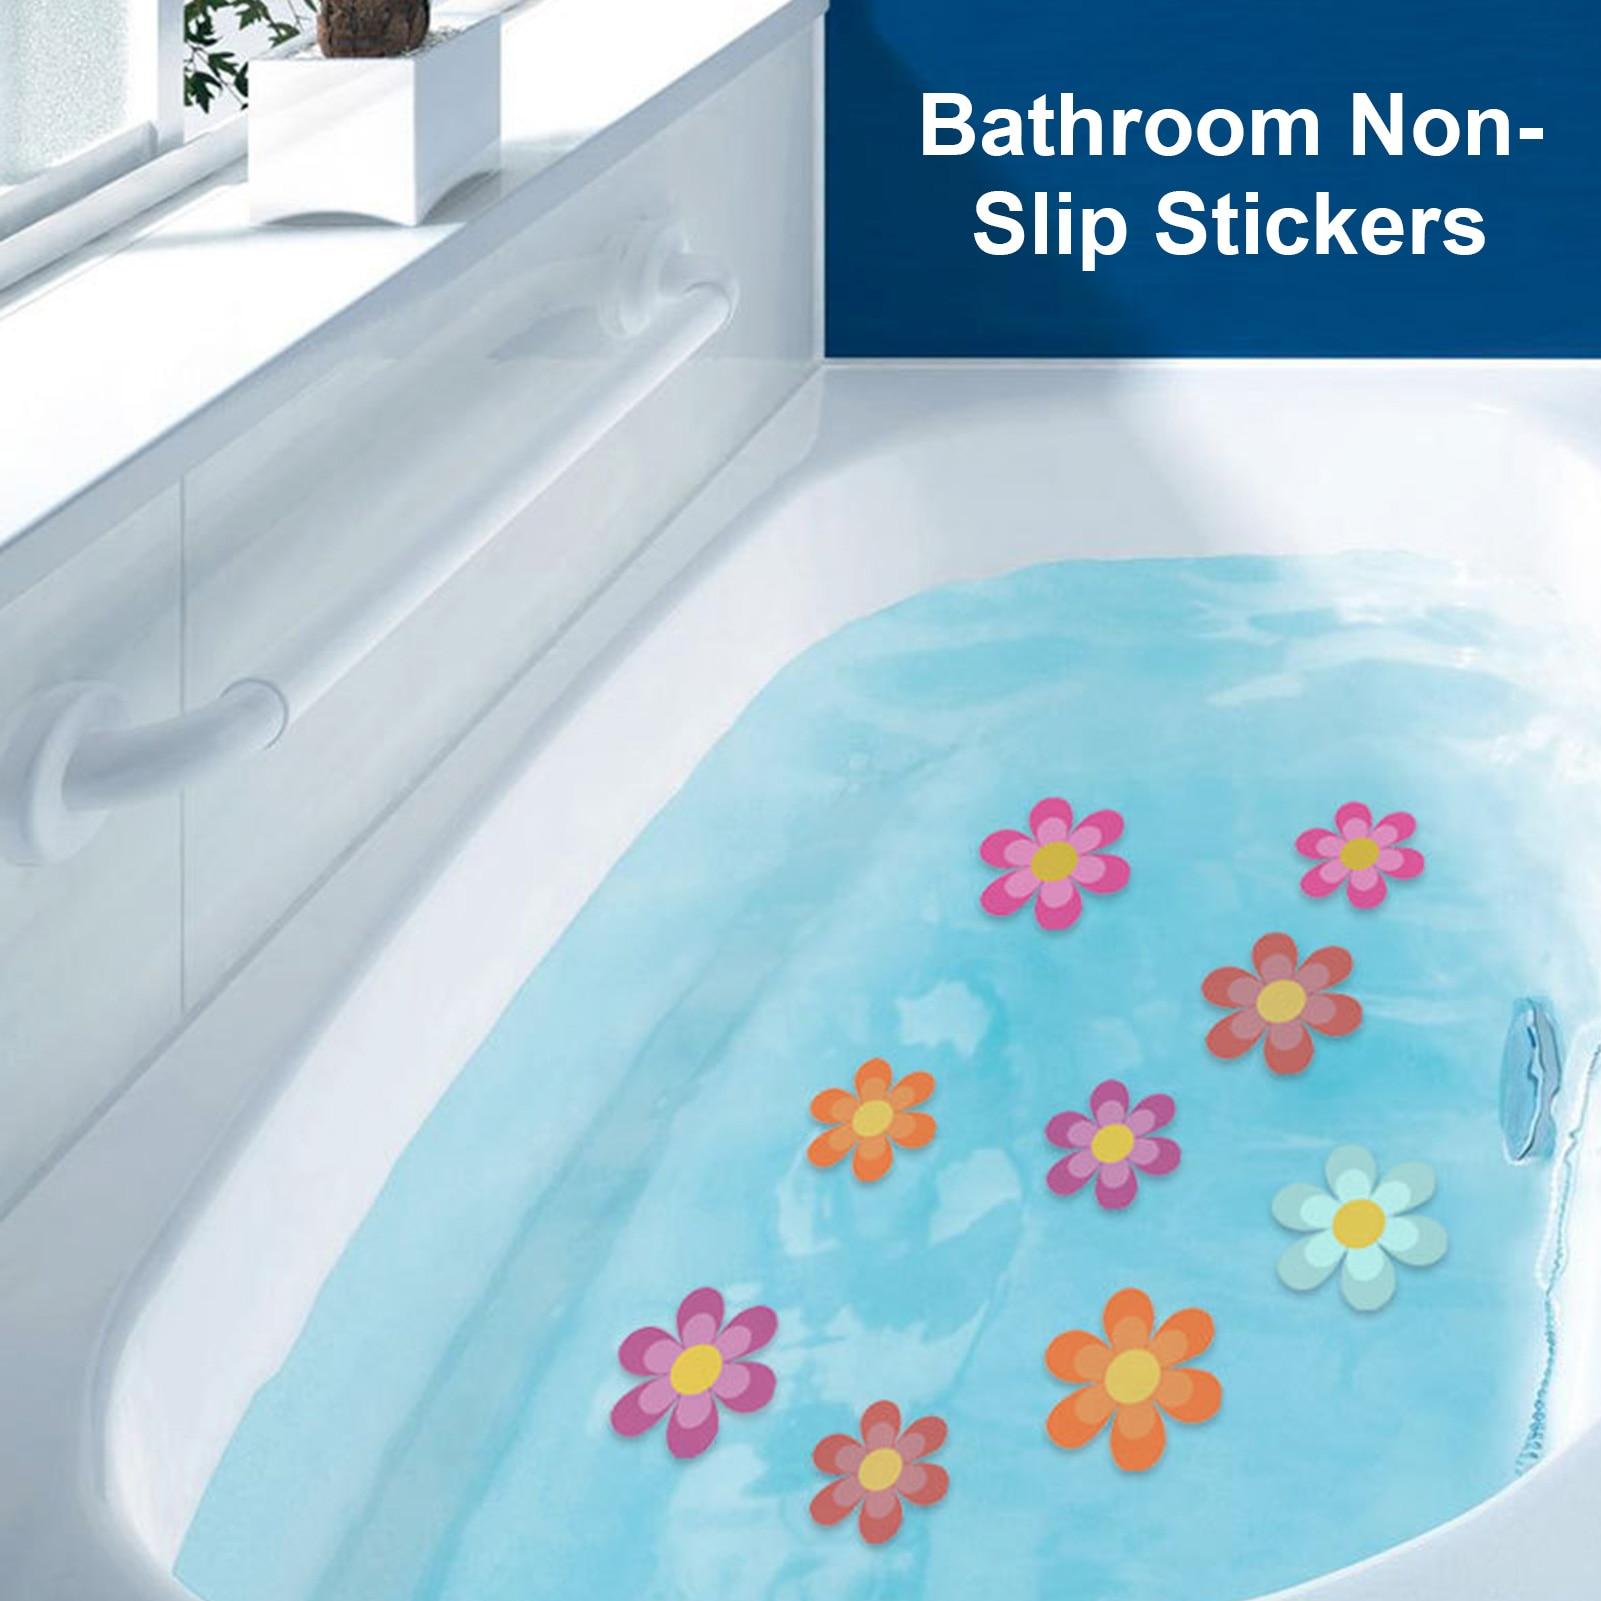 Антискользящая наклейка с подсолнухом для ванны, креативная матовая самоклеящаяся противоскользящая наклейка «сделай сам» с цветочным уз...